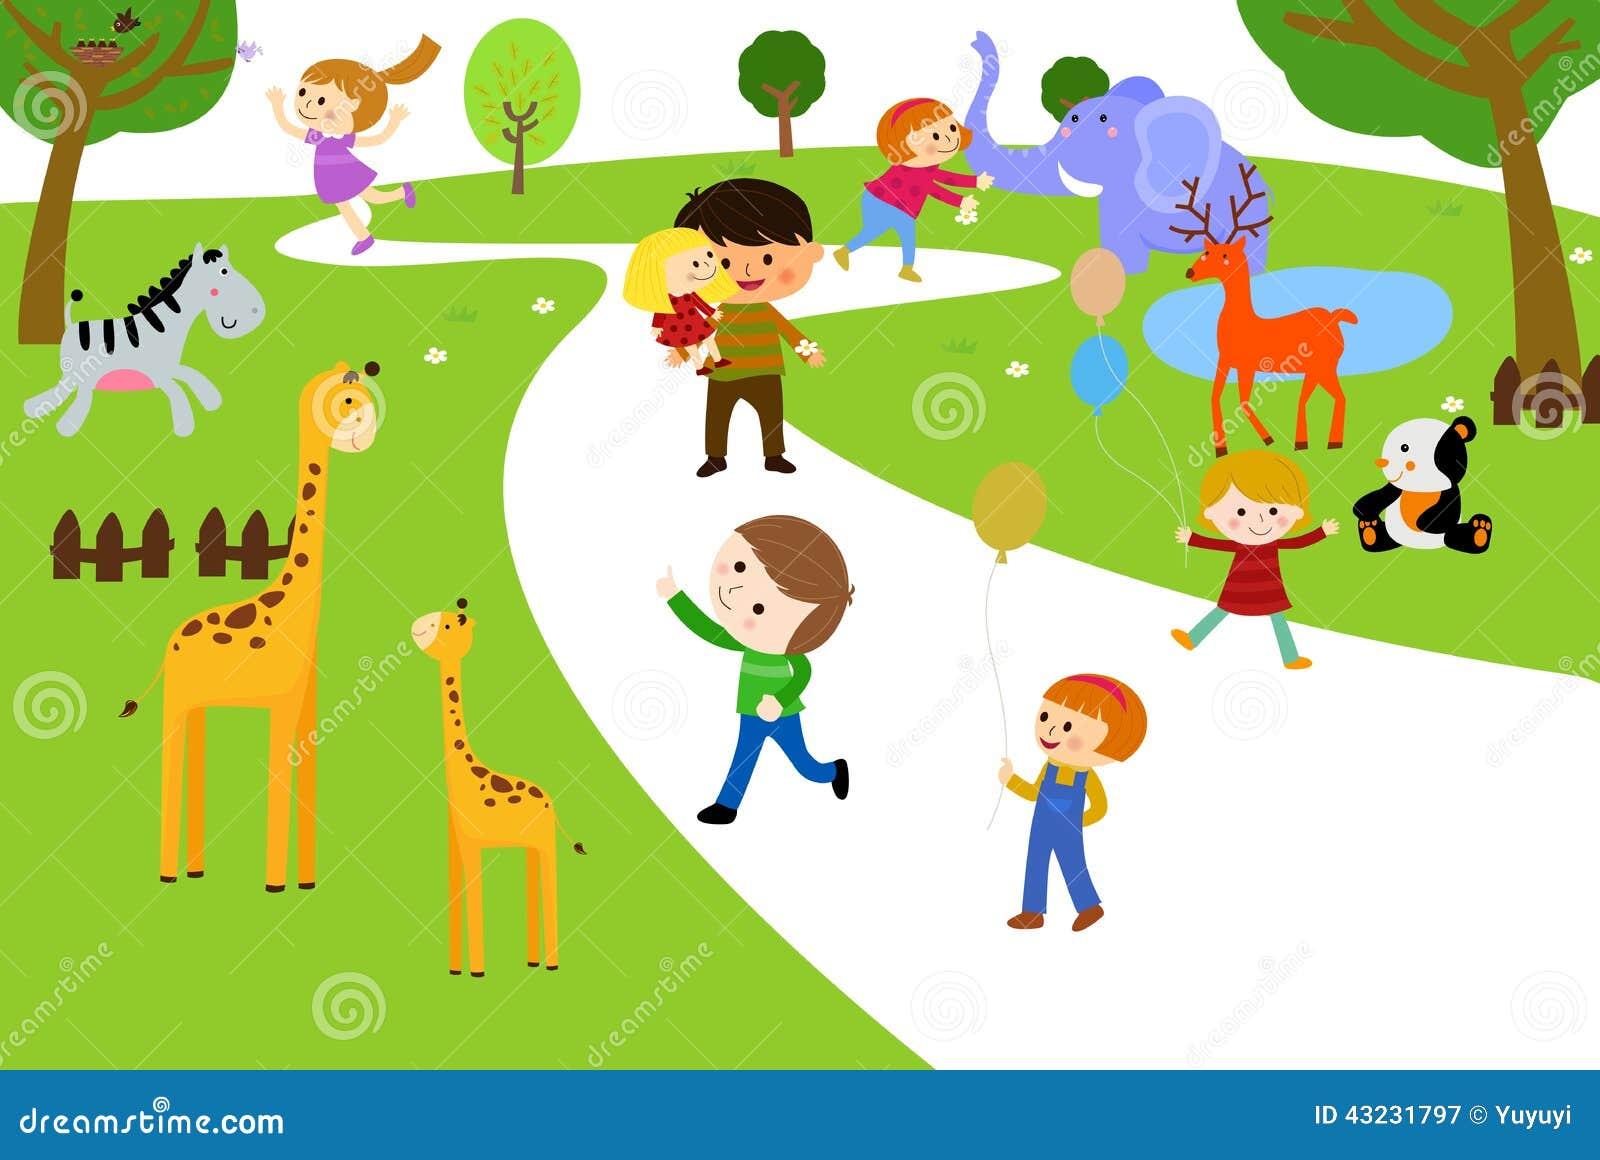 Zoológico De Animais Bebê Dos Desenhos Animados Vetor: Crianças E Animais Dos Desenhos Animados Ilustração Do